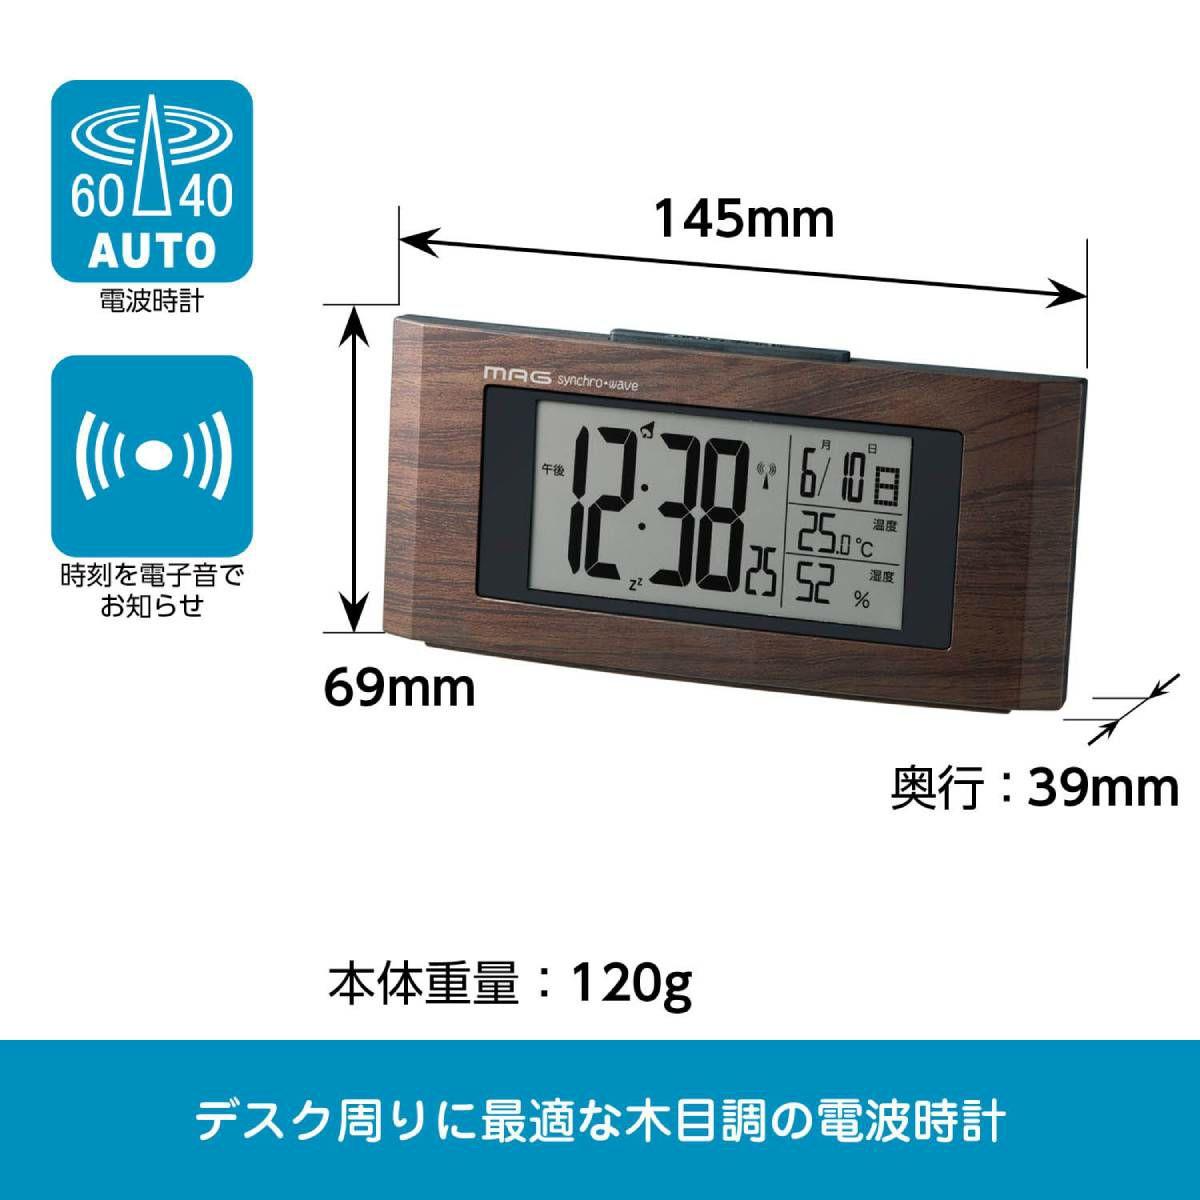 MAG(マグ) デジタル 電波 置時計 目覚まし時計 温度 湿度 カレンダー ウッドライン T-743 木目調 ブラウン 1台